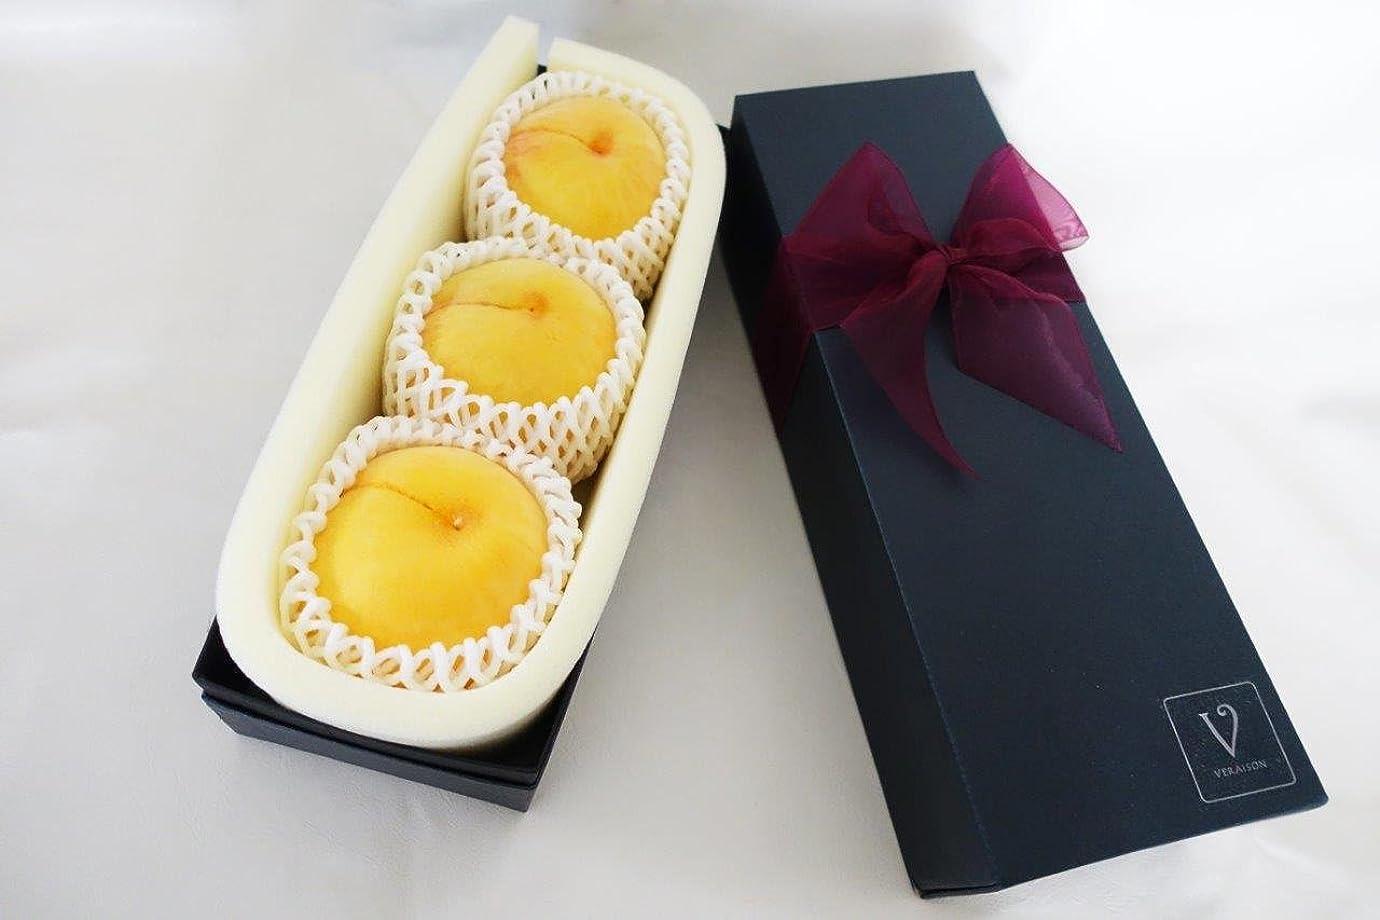 感心する排出幸運な桃 福島県産 4.5kg 特秀品 糖度12度の検査済み お中元 フルーツ ギフト